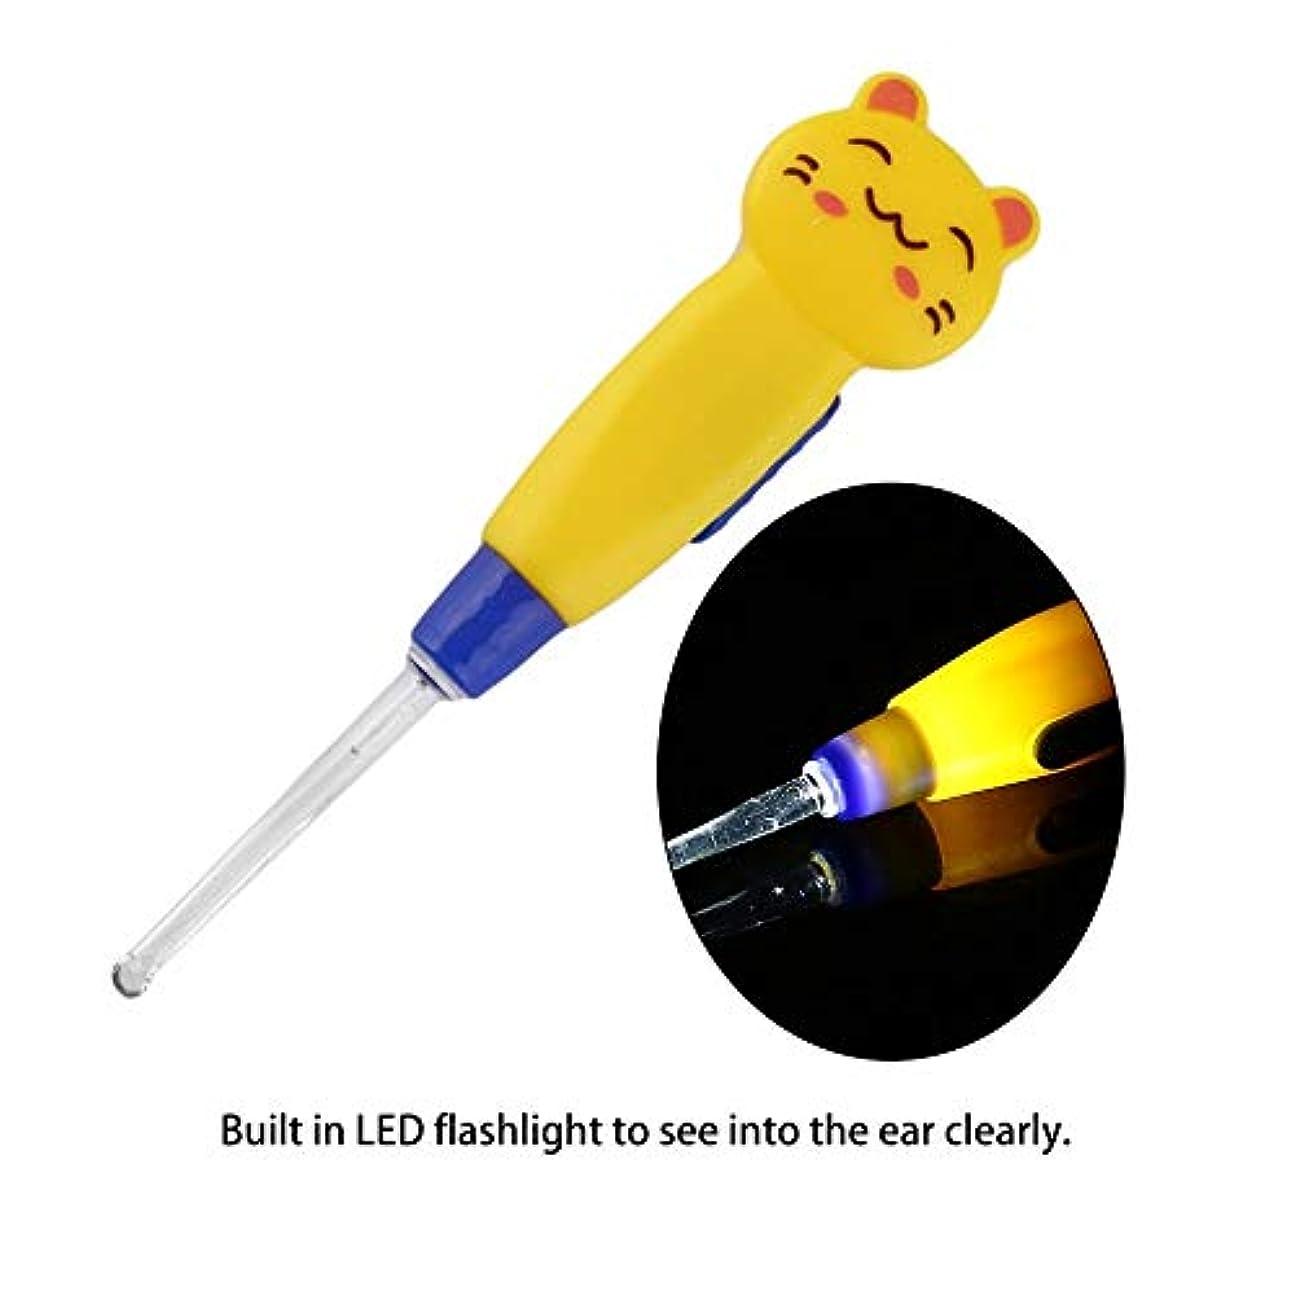 リズム設置工夫するZHQI-GH 漫画動物装飾プラスチックイヤーピックポータブルLED懐中電灯イヤーワックス取り外しイヤーピッククリーナーヘルスケアツール14(カラーランダム) (色 : 黄)